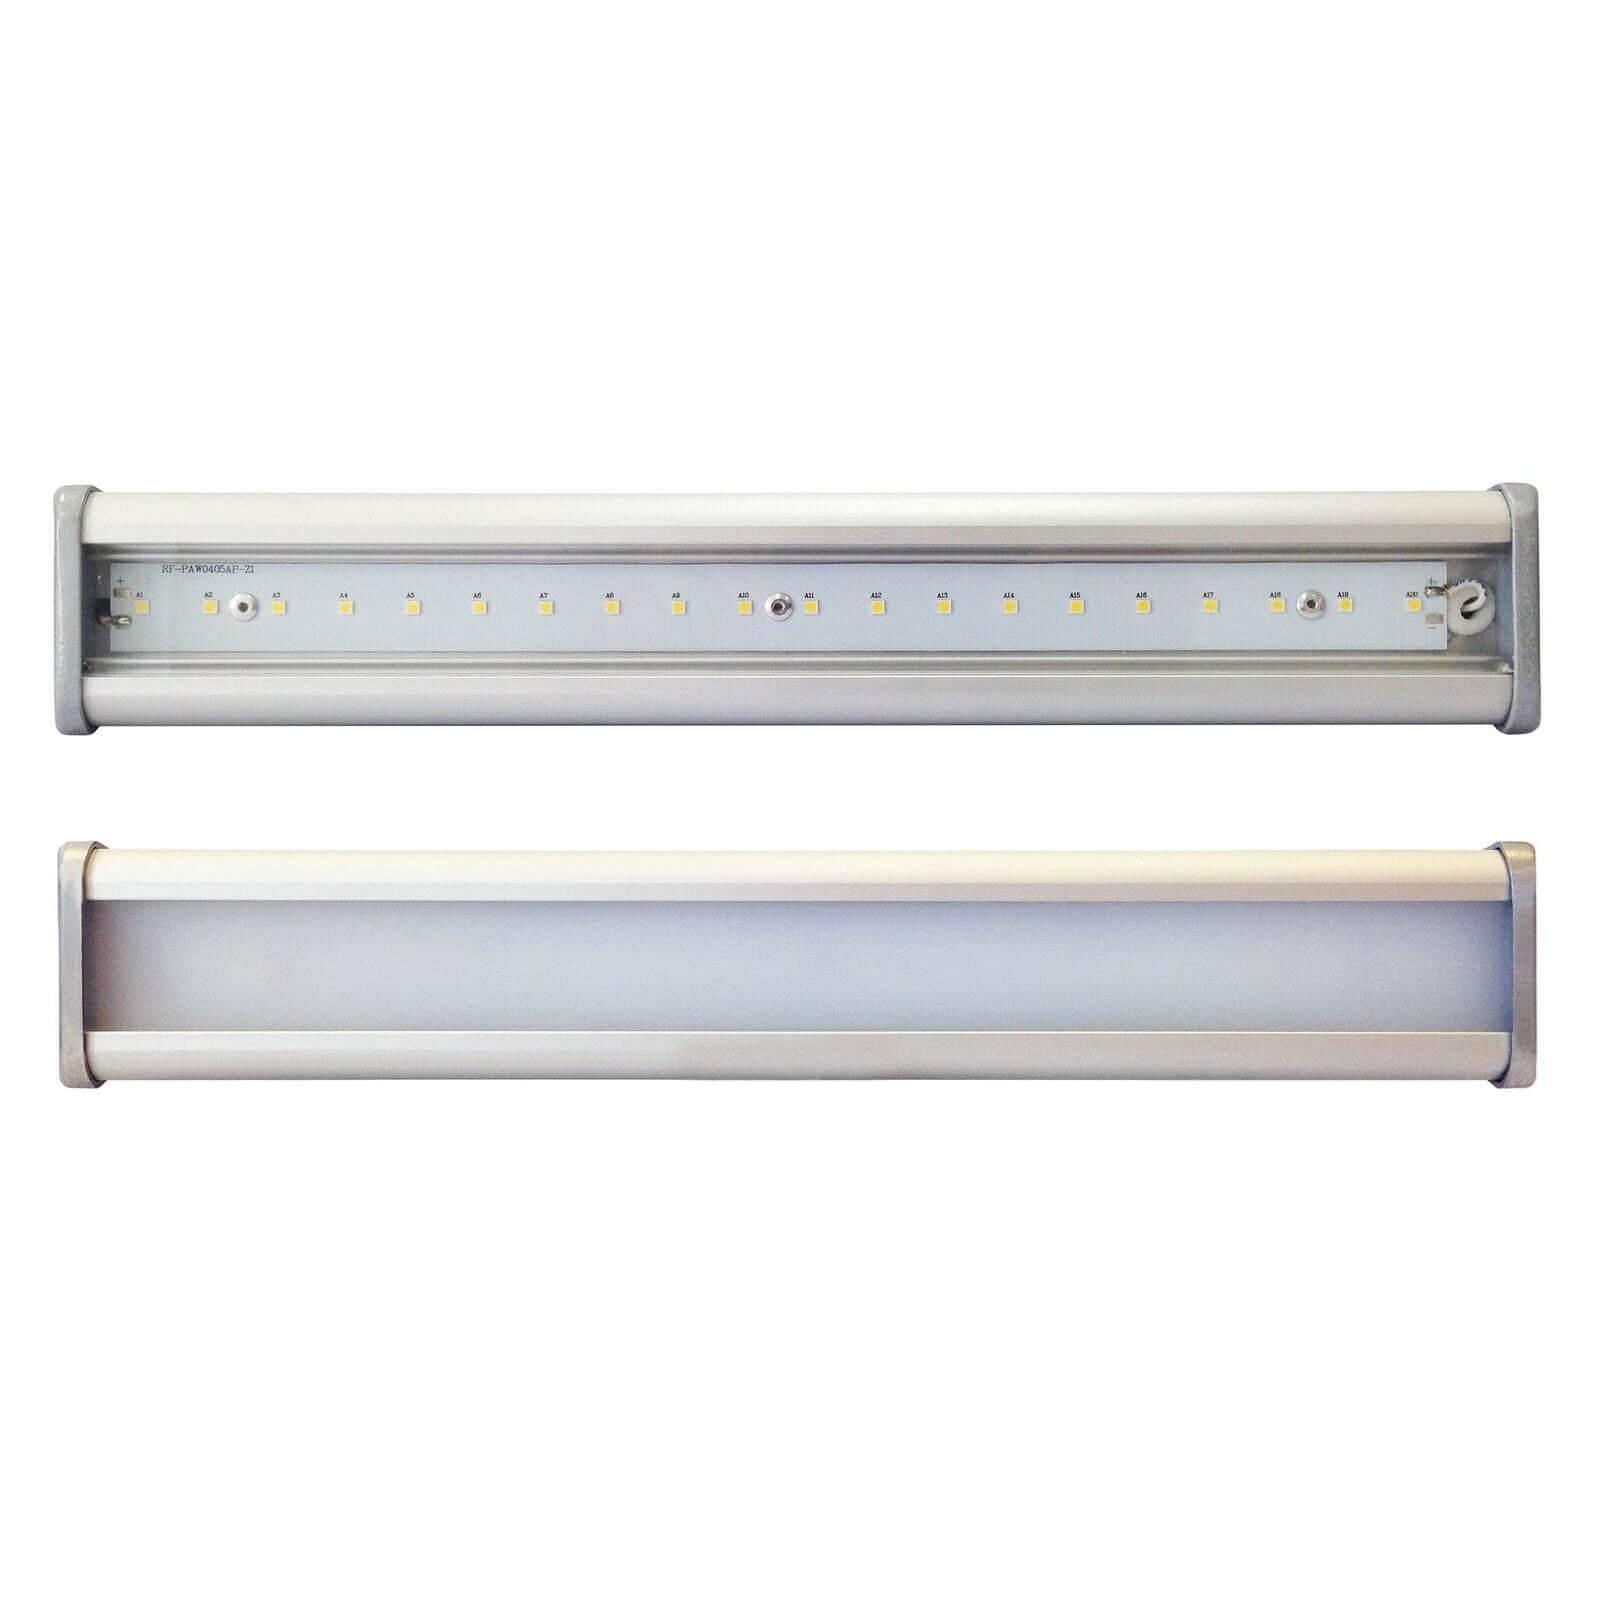 уличный светильник FG 50 20W, фото